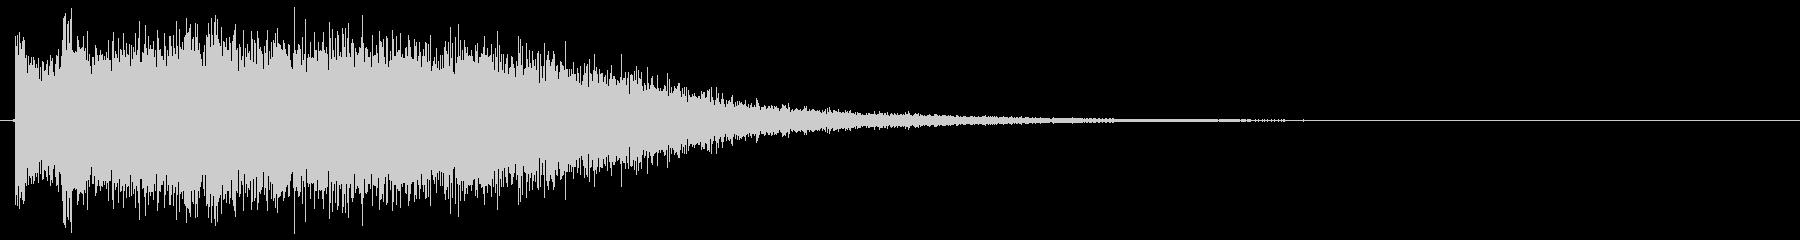 エナジードレイン エネルギー系の音 魔法の未再生の波形